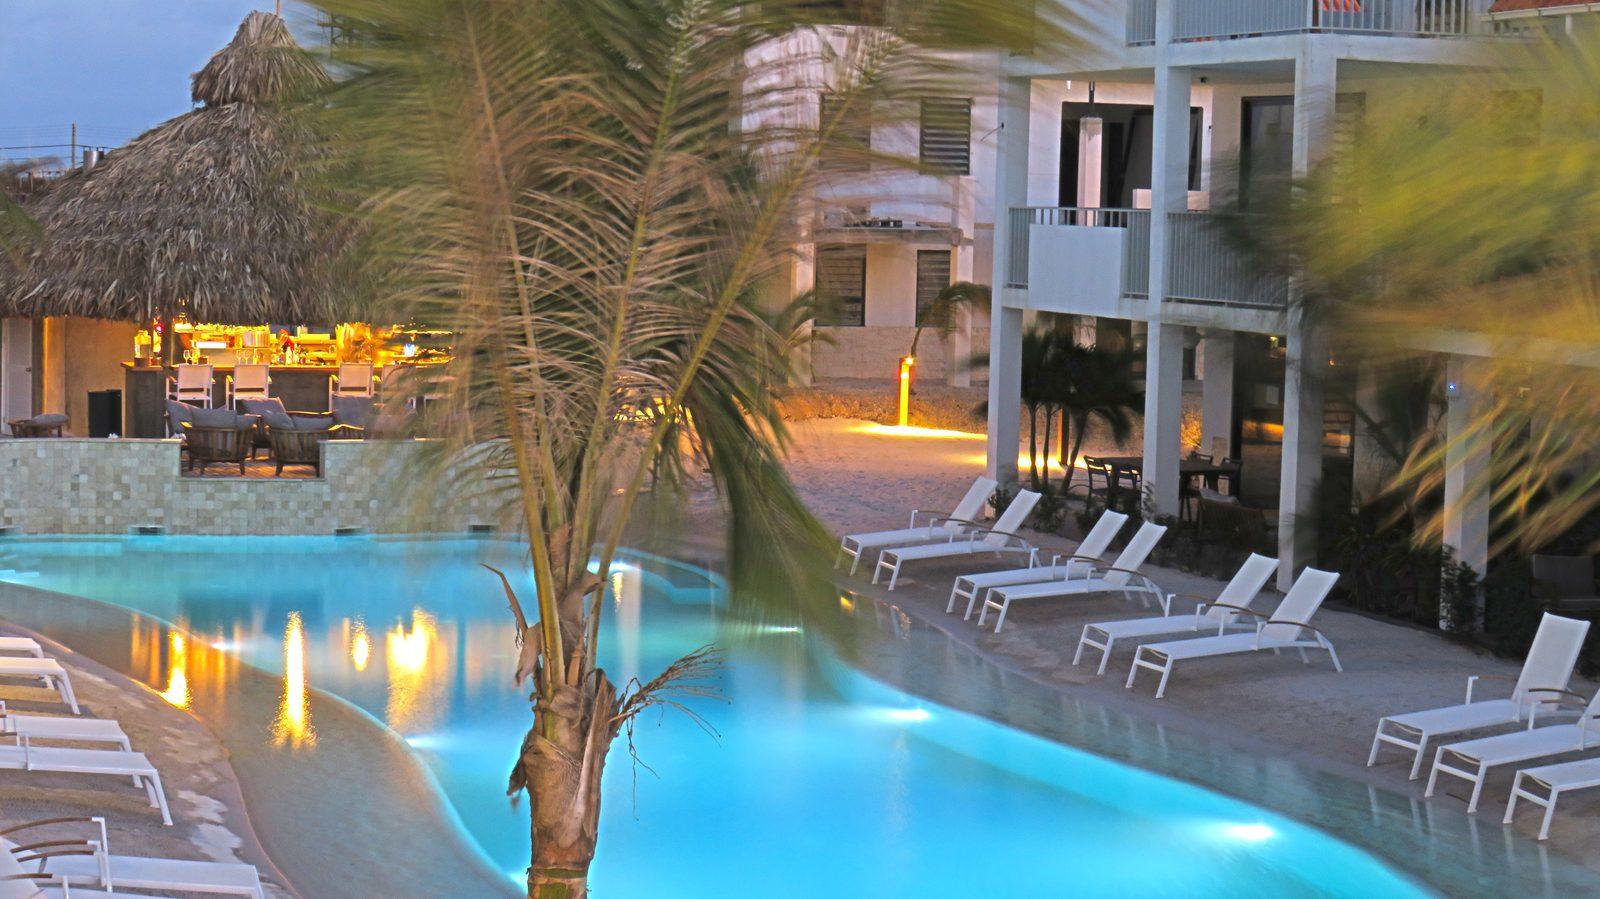 Resort Bonaire heeft op het resort verschillende faciliteiten waar u als gast gebruik van kunt maken. Huur een snorkelset of ga bij ons zwemmen!